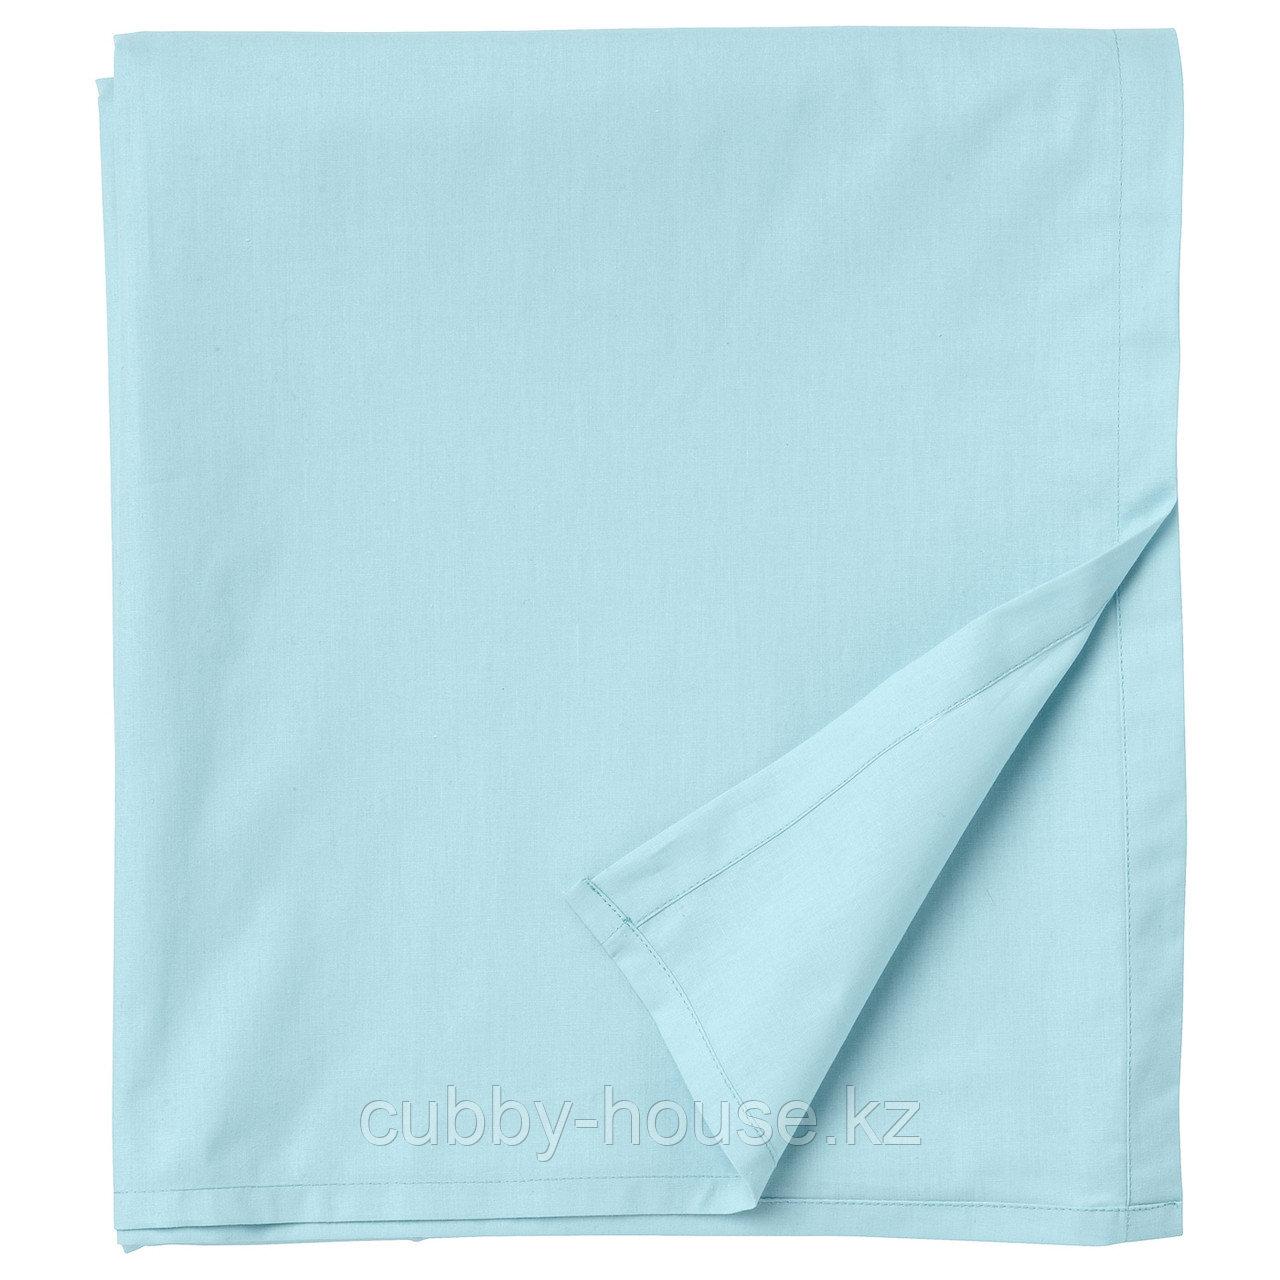 ДВАЛА Простыня, голубой, 240x260 см